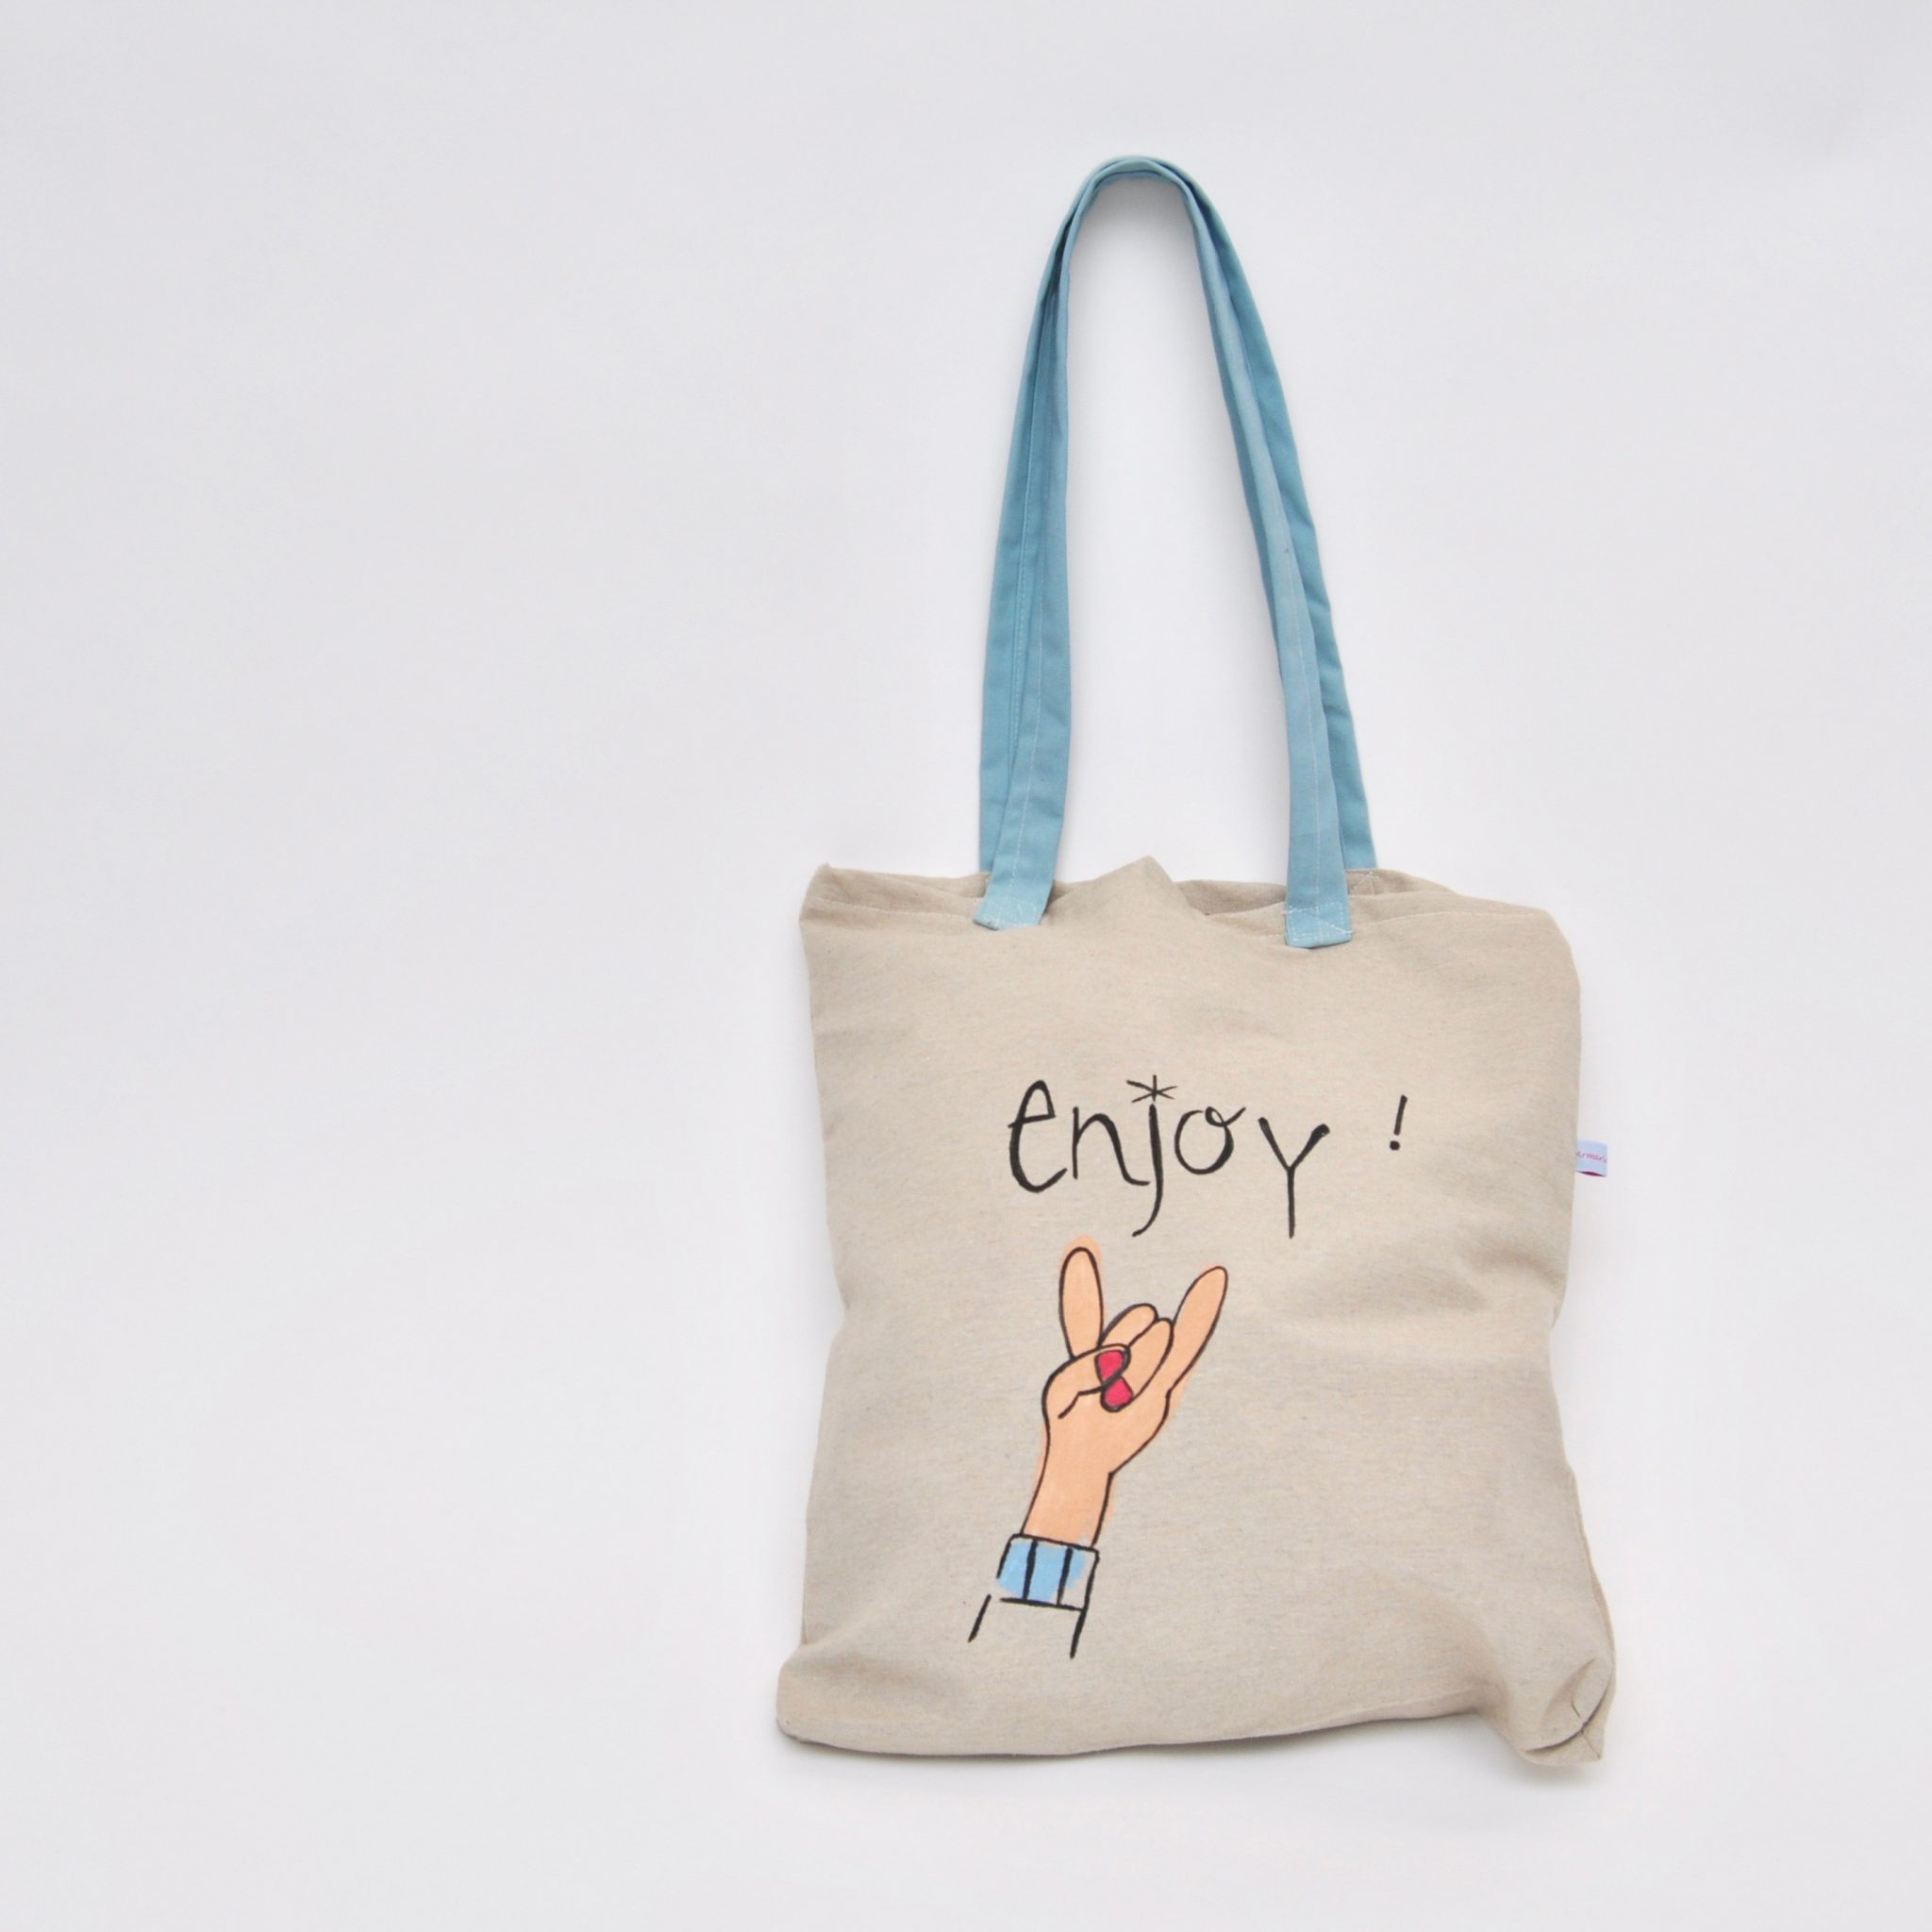 nuevo producto 6a588 e0a02 bolsa tela ( TOTE BAG )